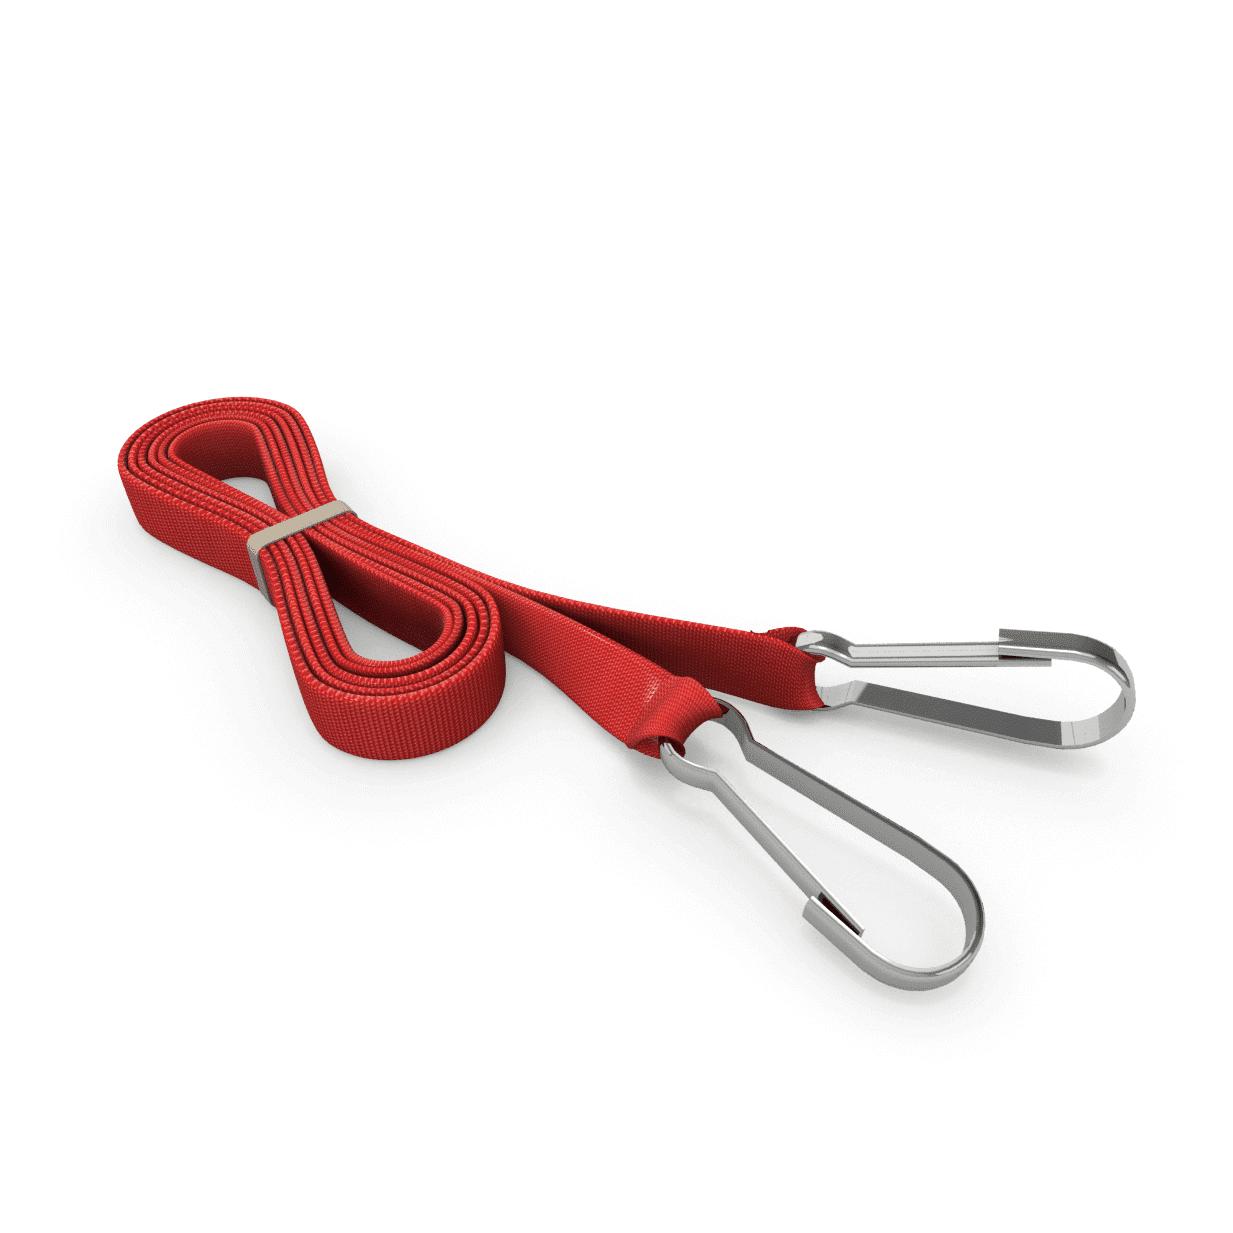 Zugleine mit Karabinerhaken rot